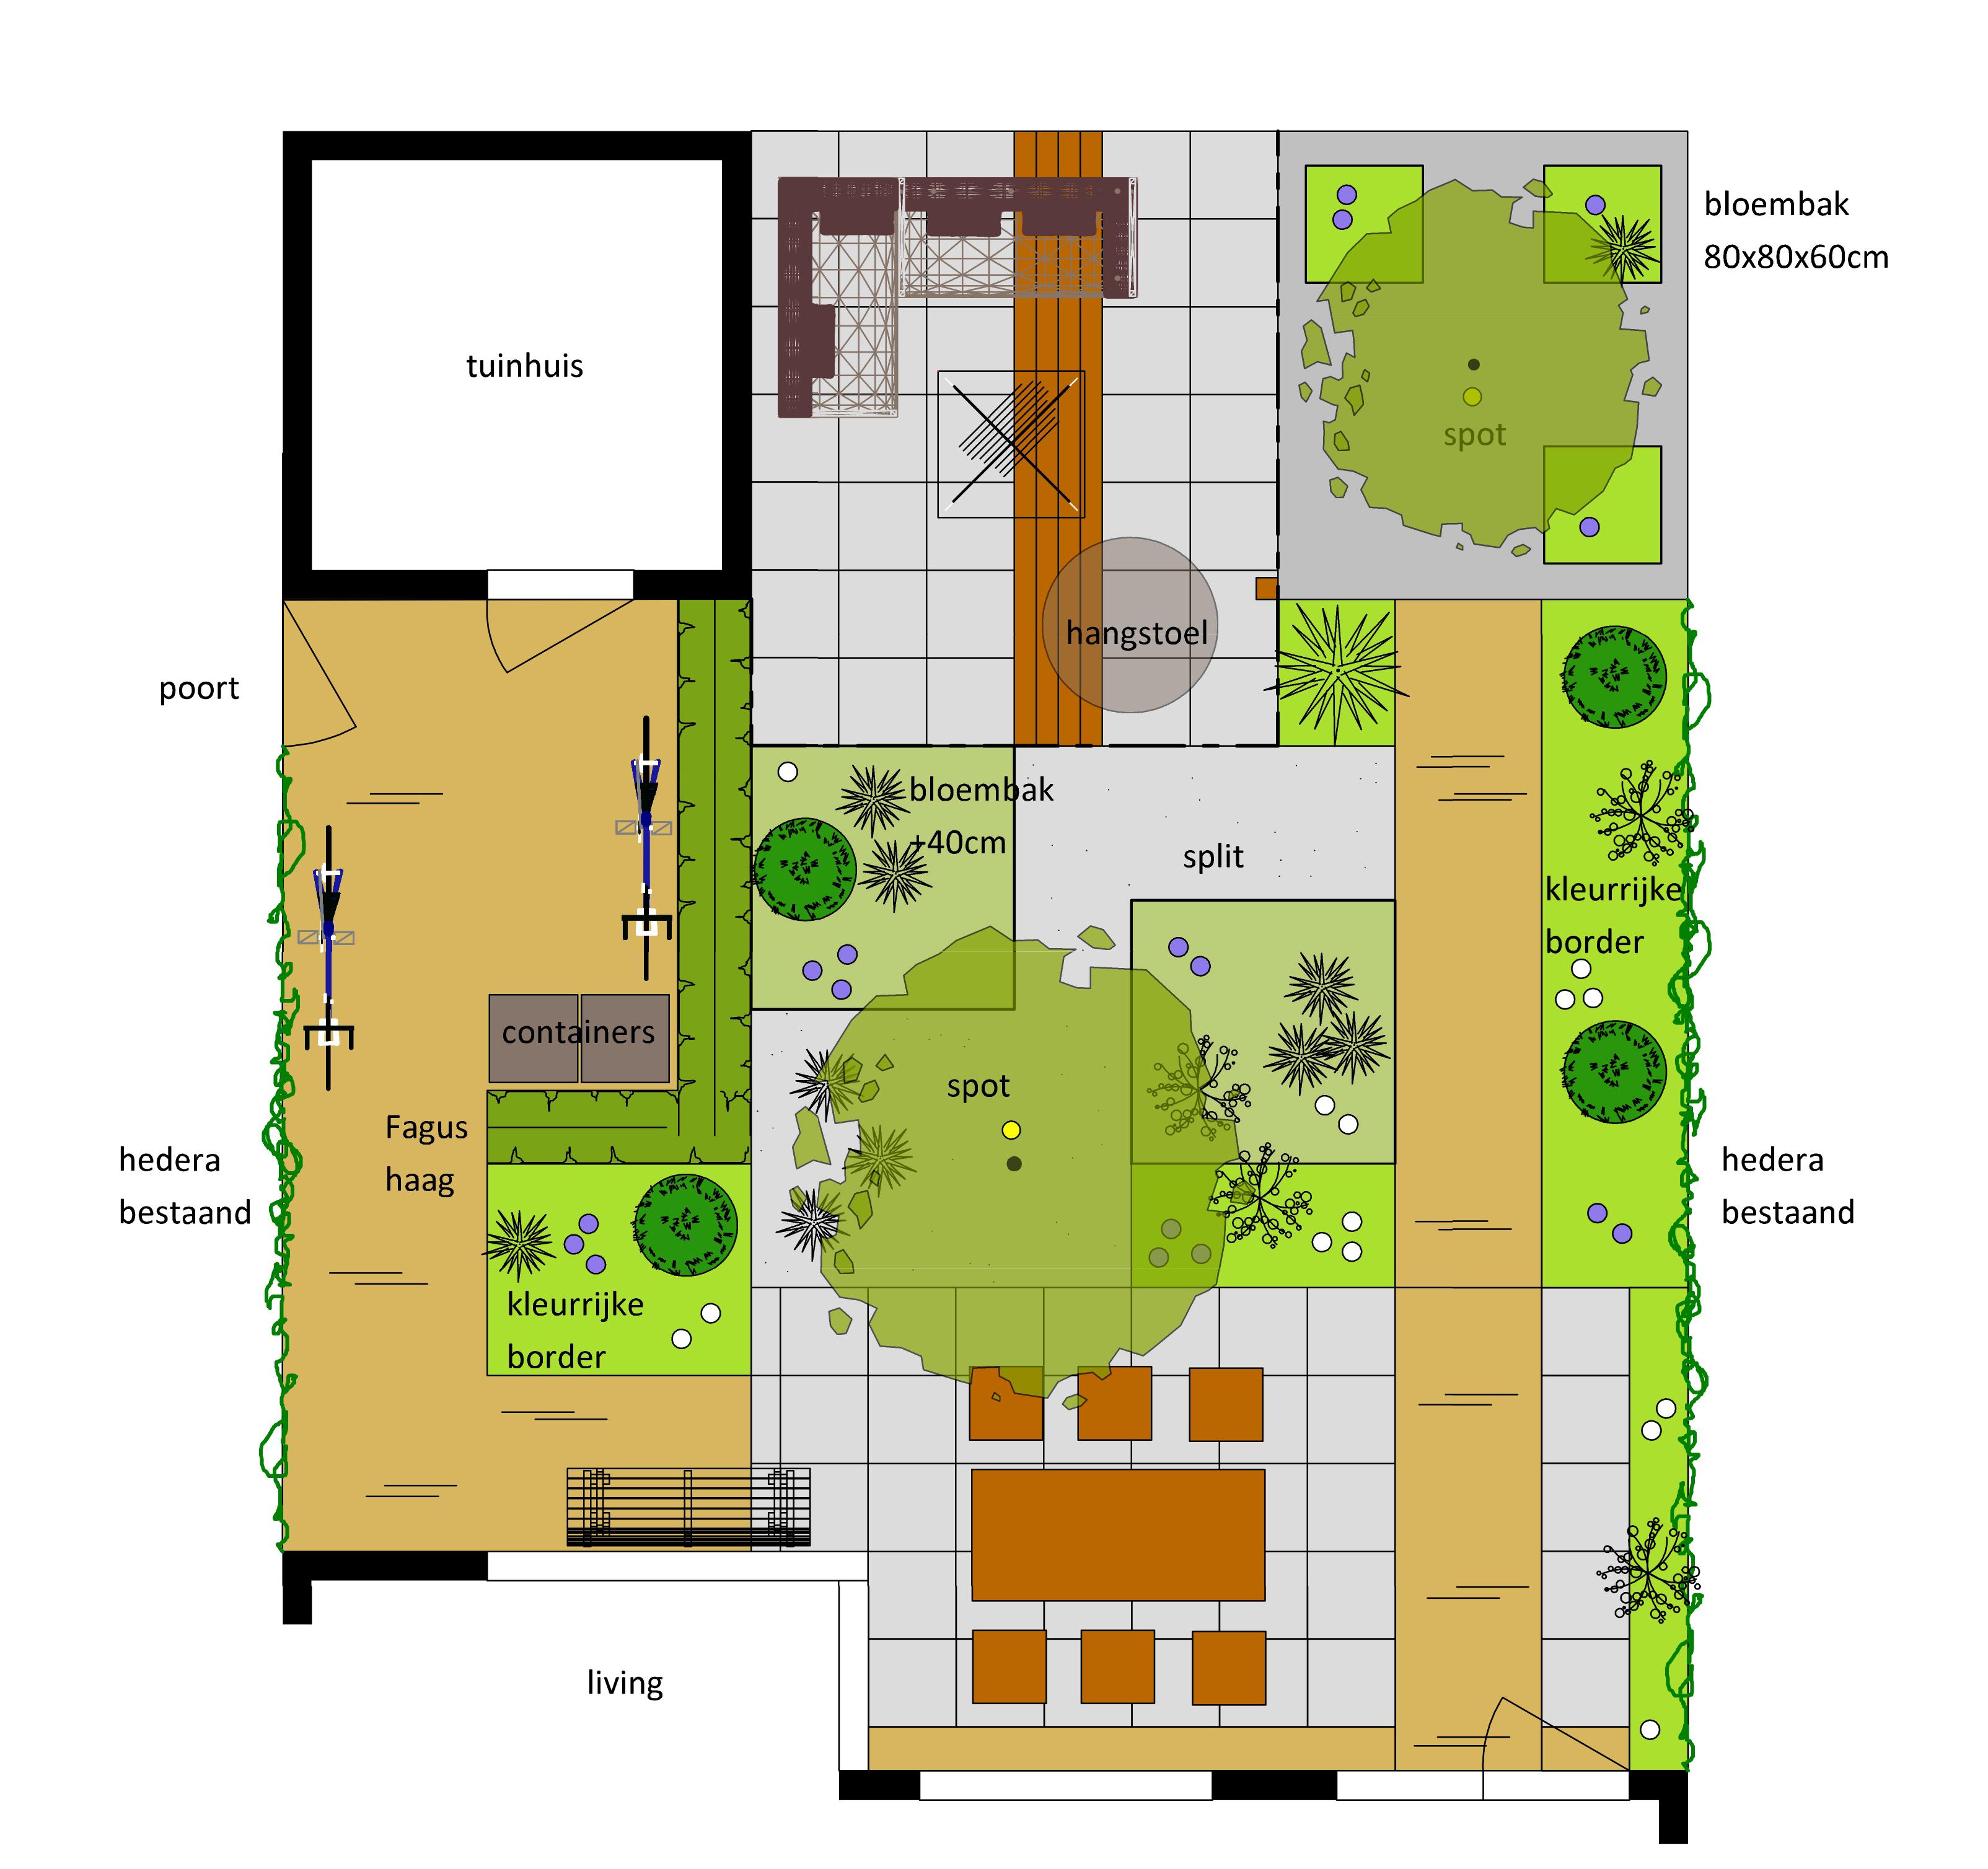 G:_ProjectenDDoornink, Malden2019 Doornink, MaldentekeningenDoornink, ontwerp achtertuin 19-01-17.hcd